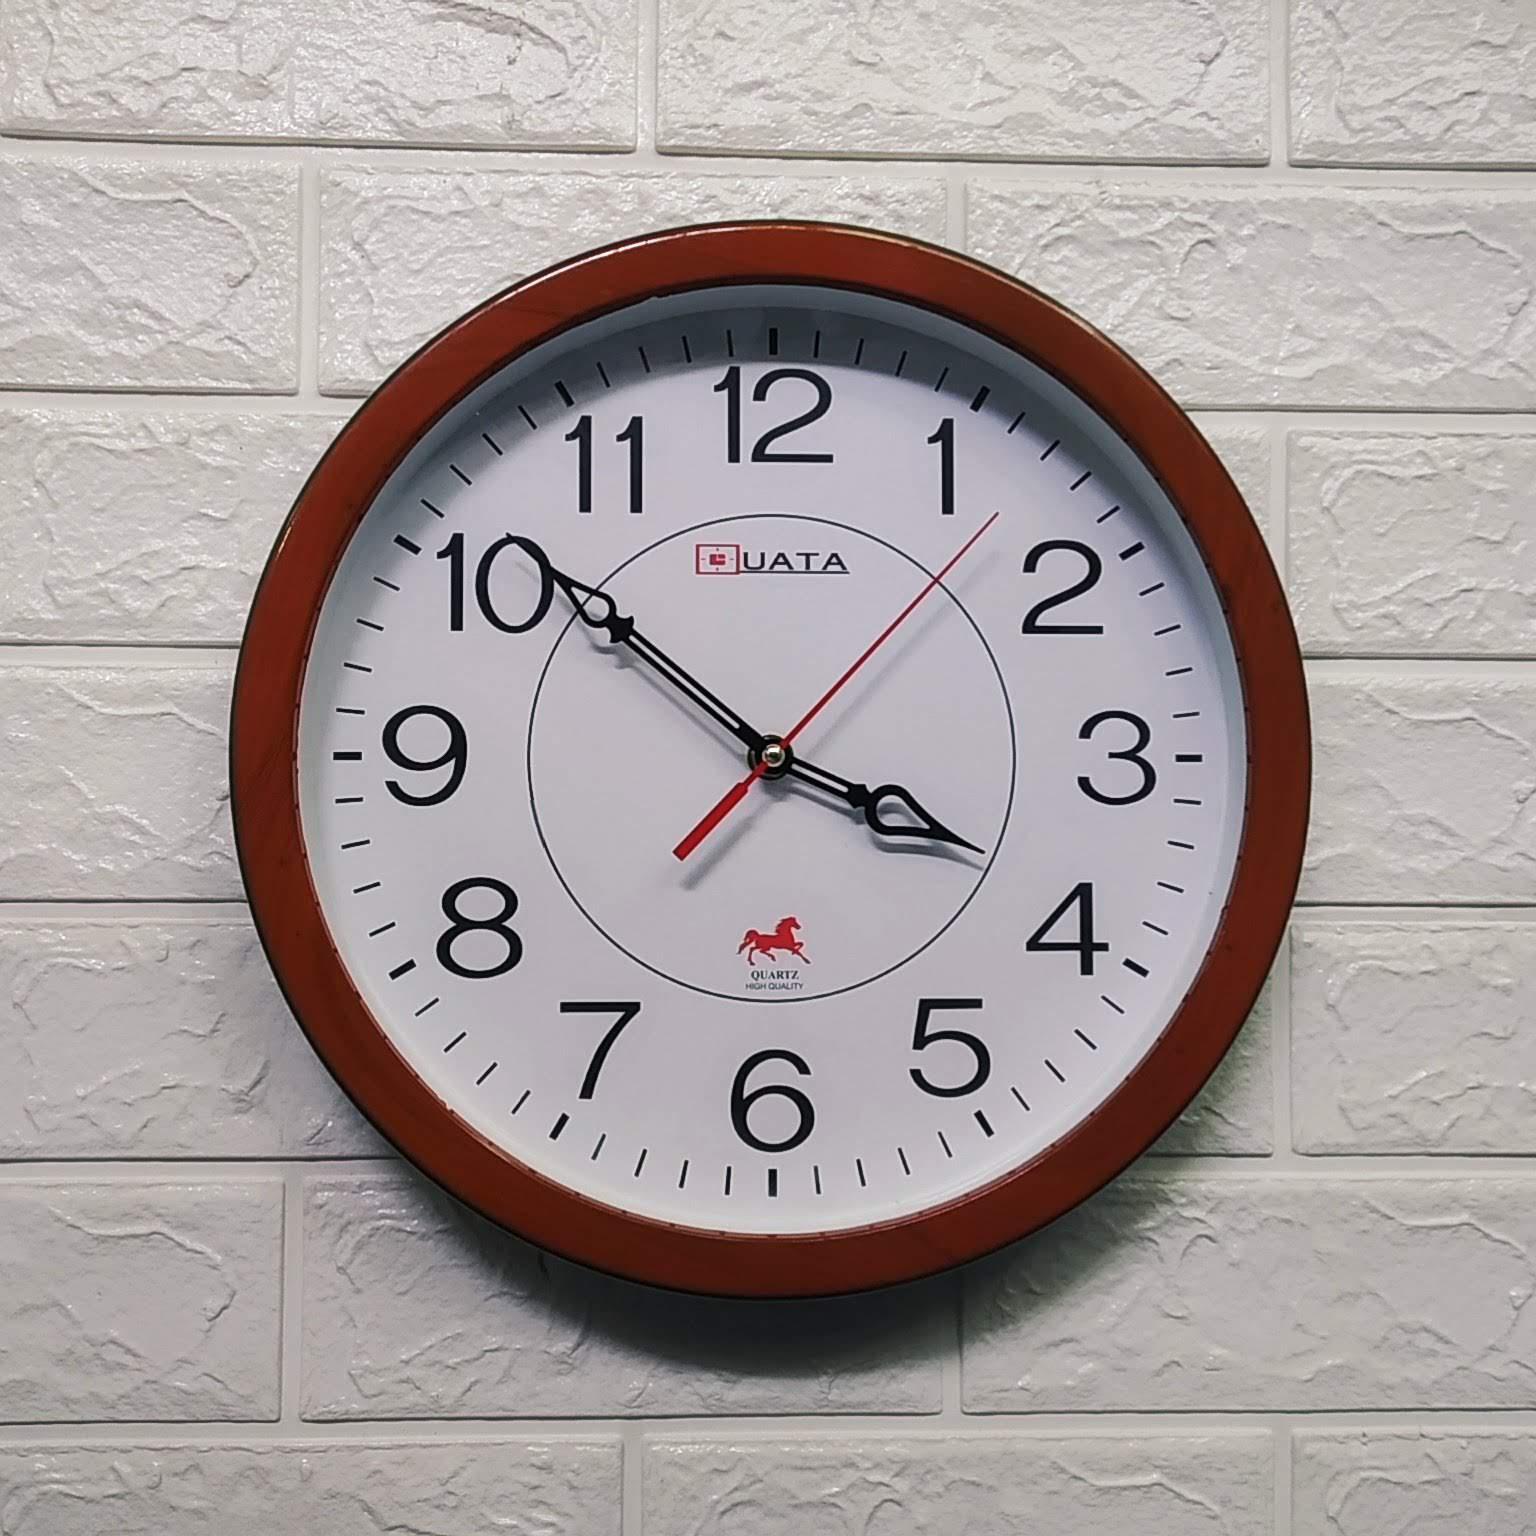 Nơi bán Kim giật - Đồng hồ treo tường hình tròn viền giả gỗ -  Size 30cm -  Đồng hồ treo tường kim giật